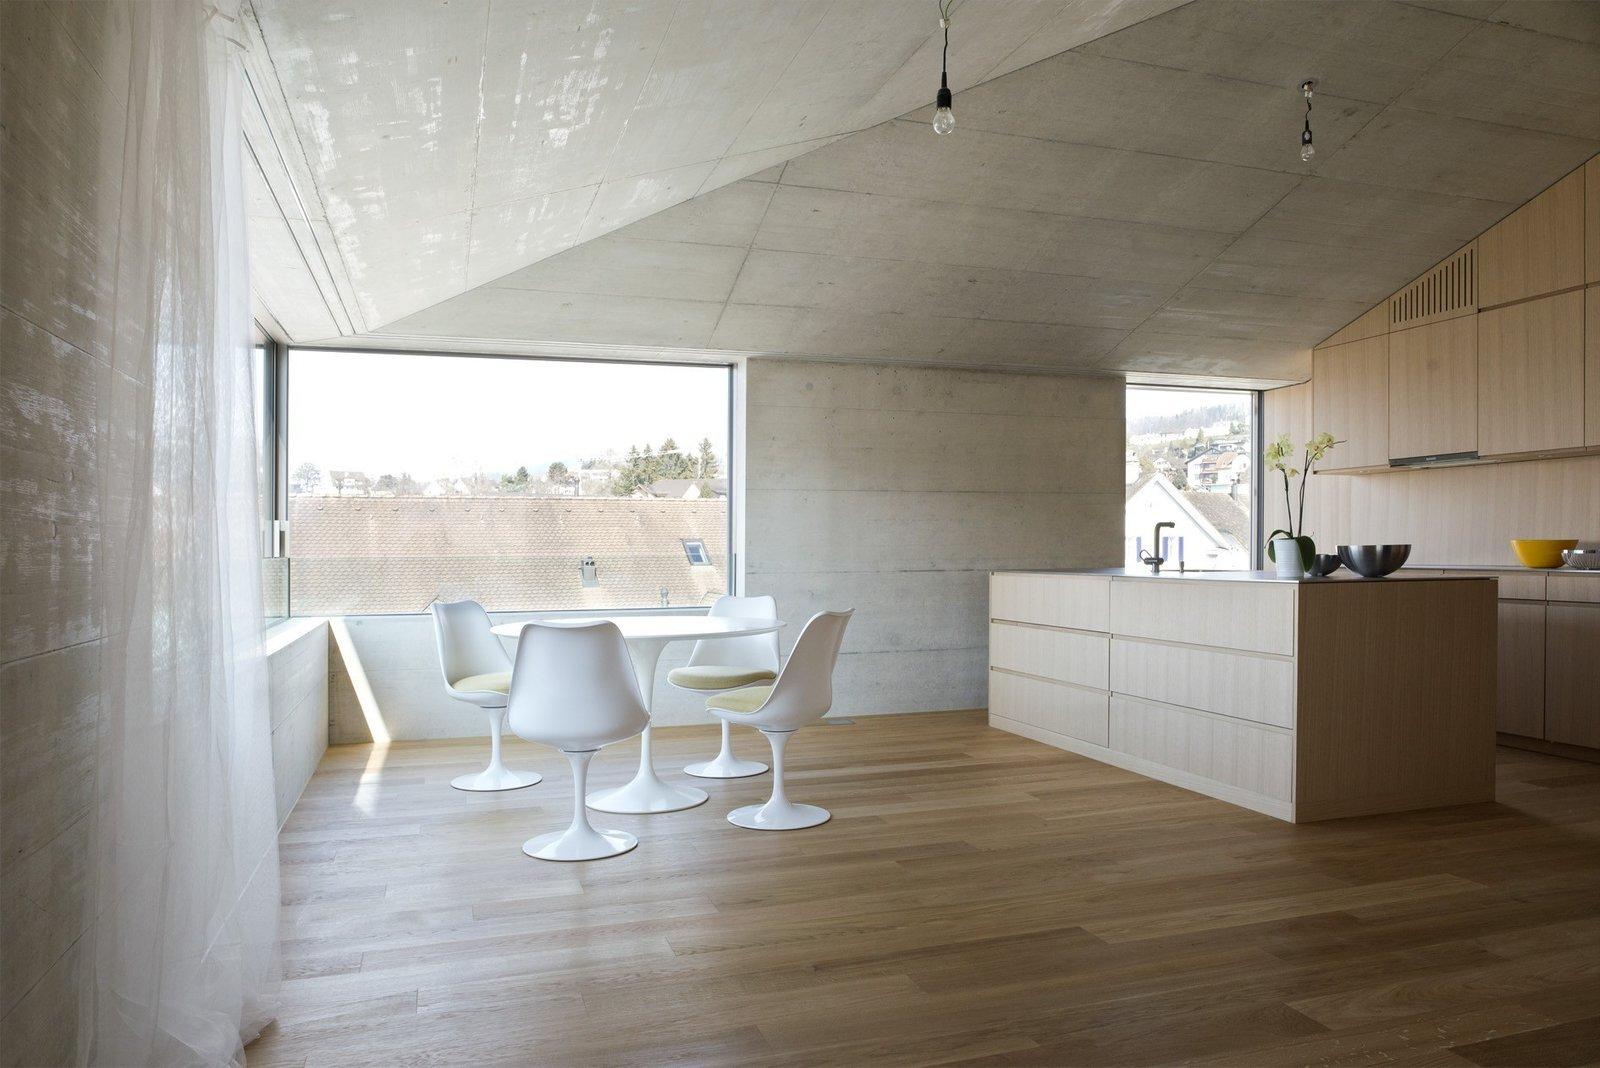 Photo 3 of 5 in Mehrfamilienhaus in Männedorf by Hurst Song Architekten